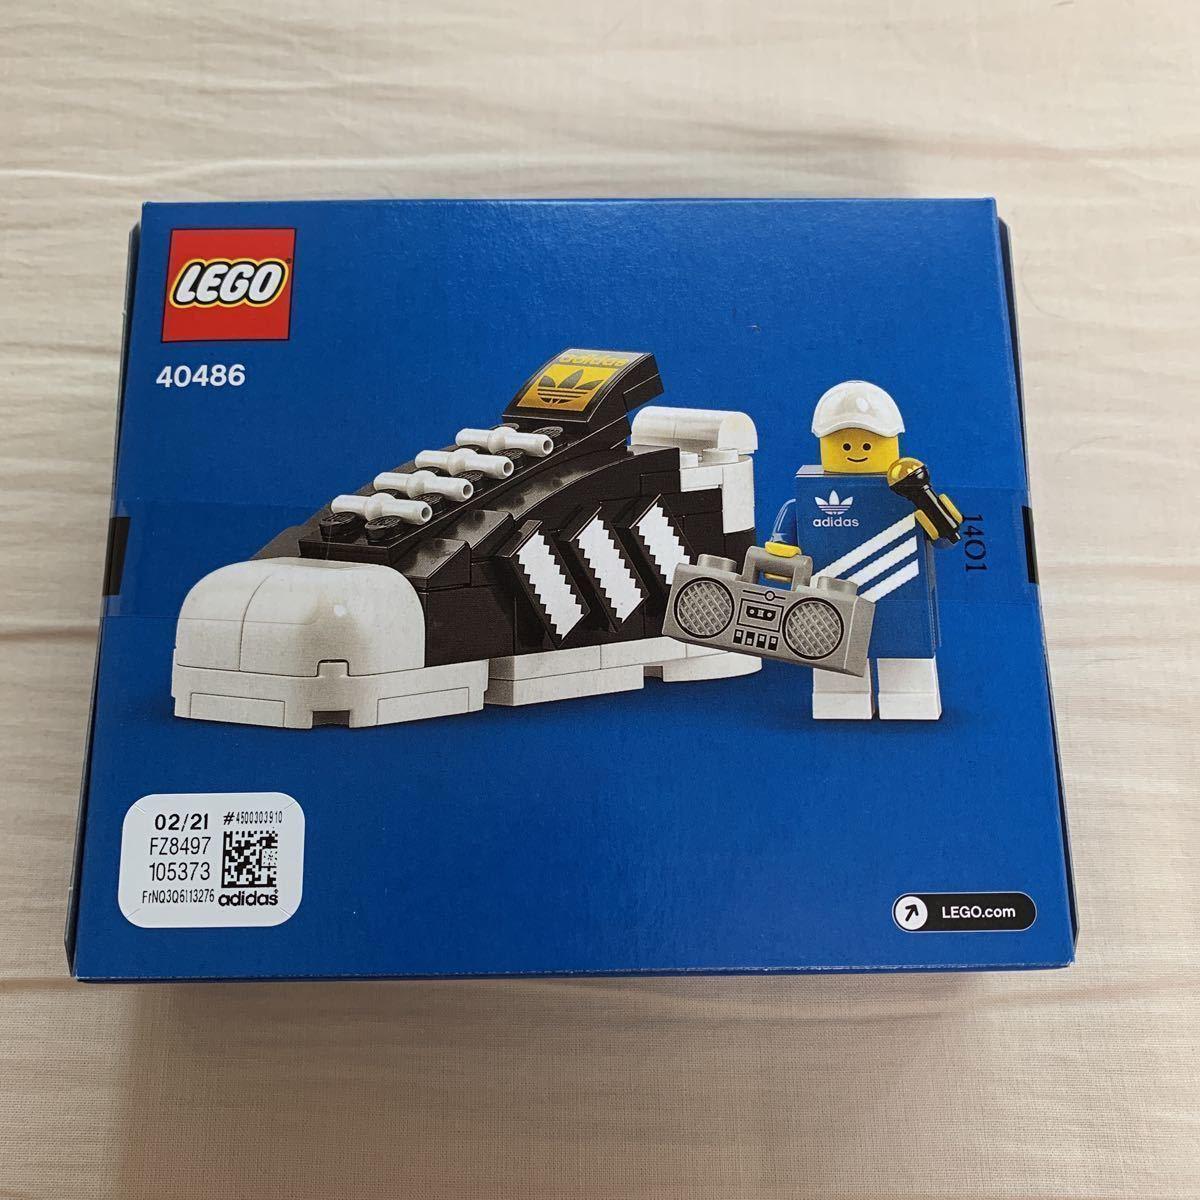 LEGO 40489 非売品 adidas アディダス ミニフィグ_画像1